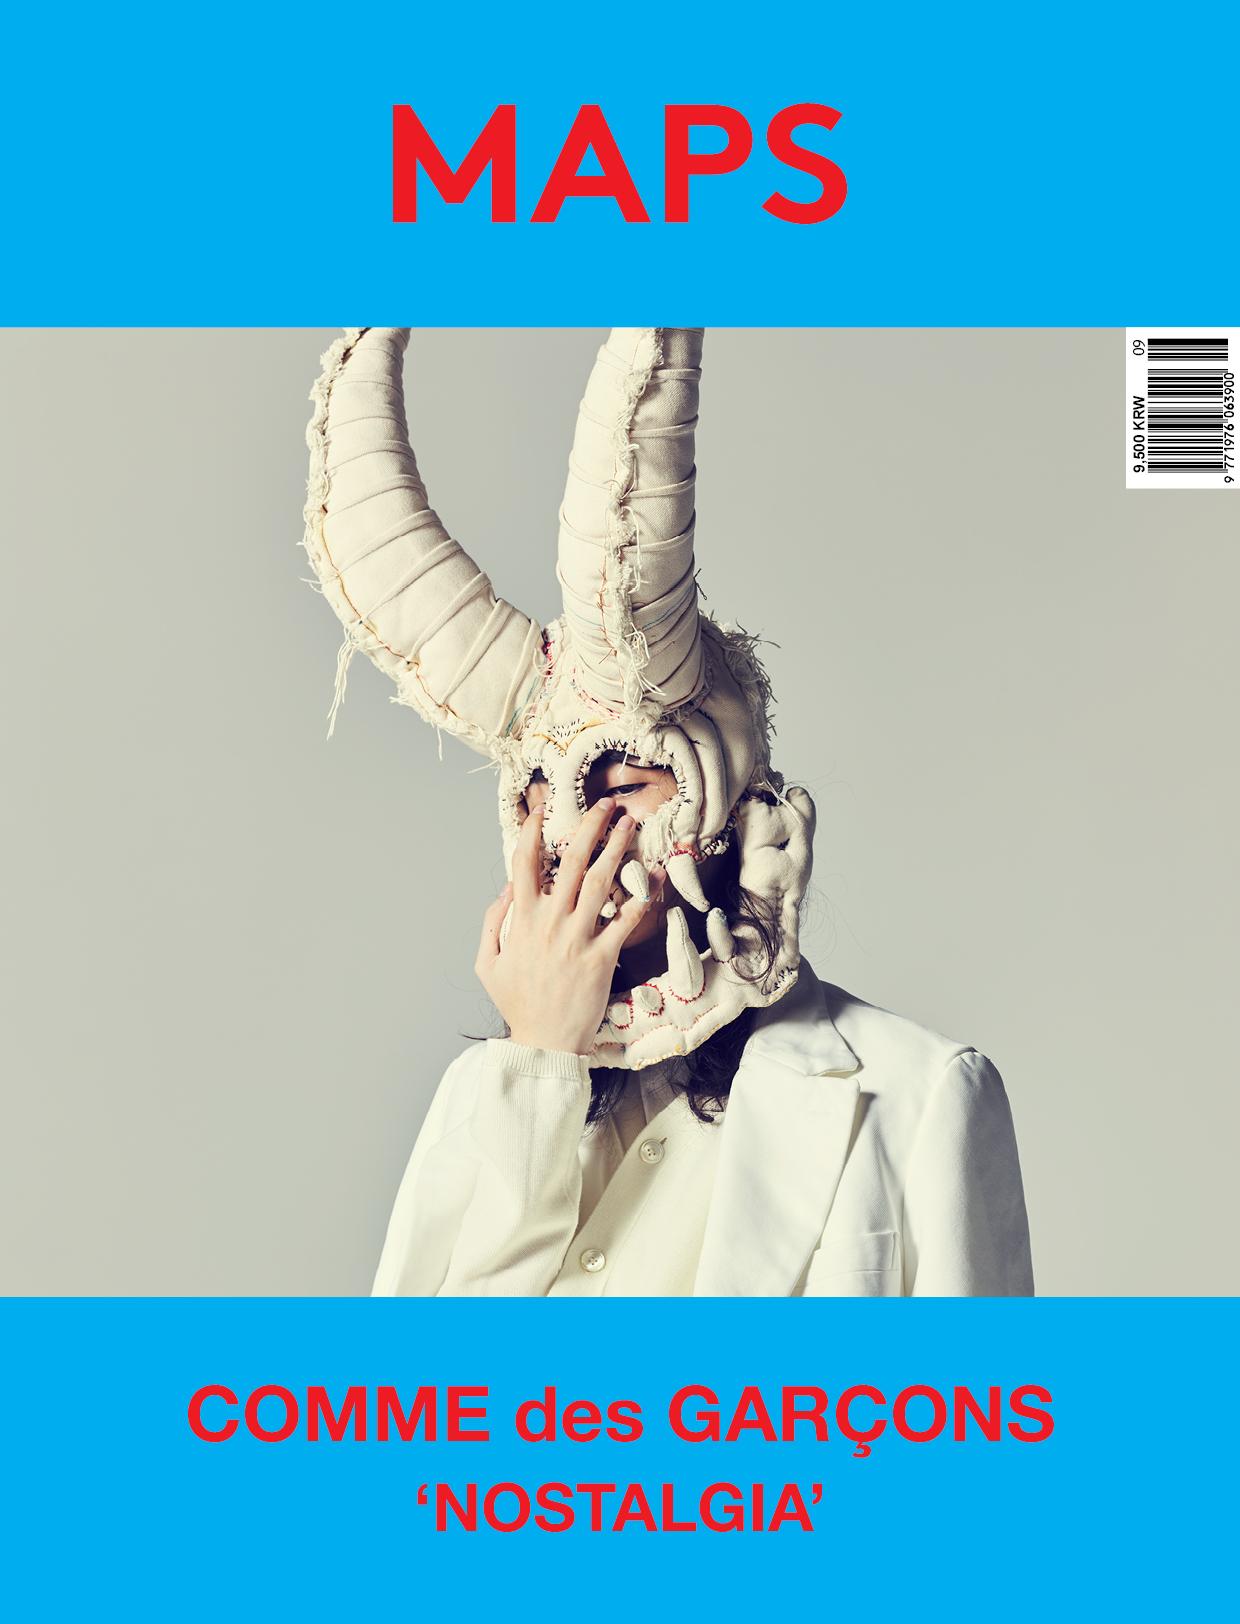 124 COVER2.jpg